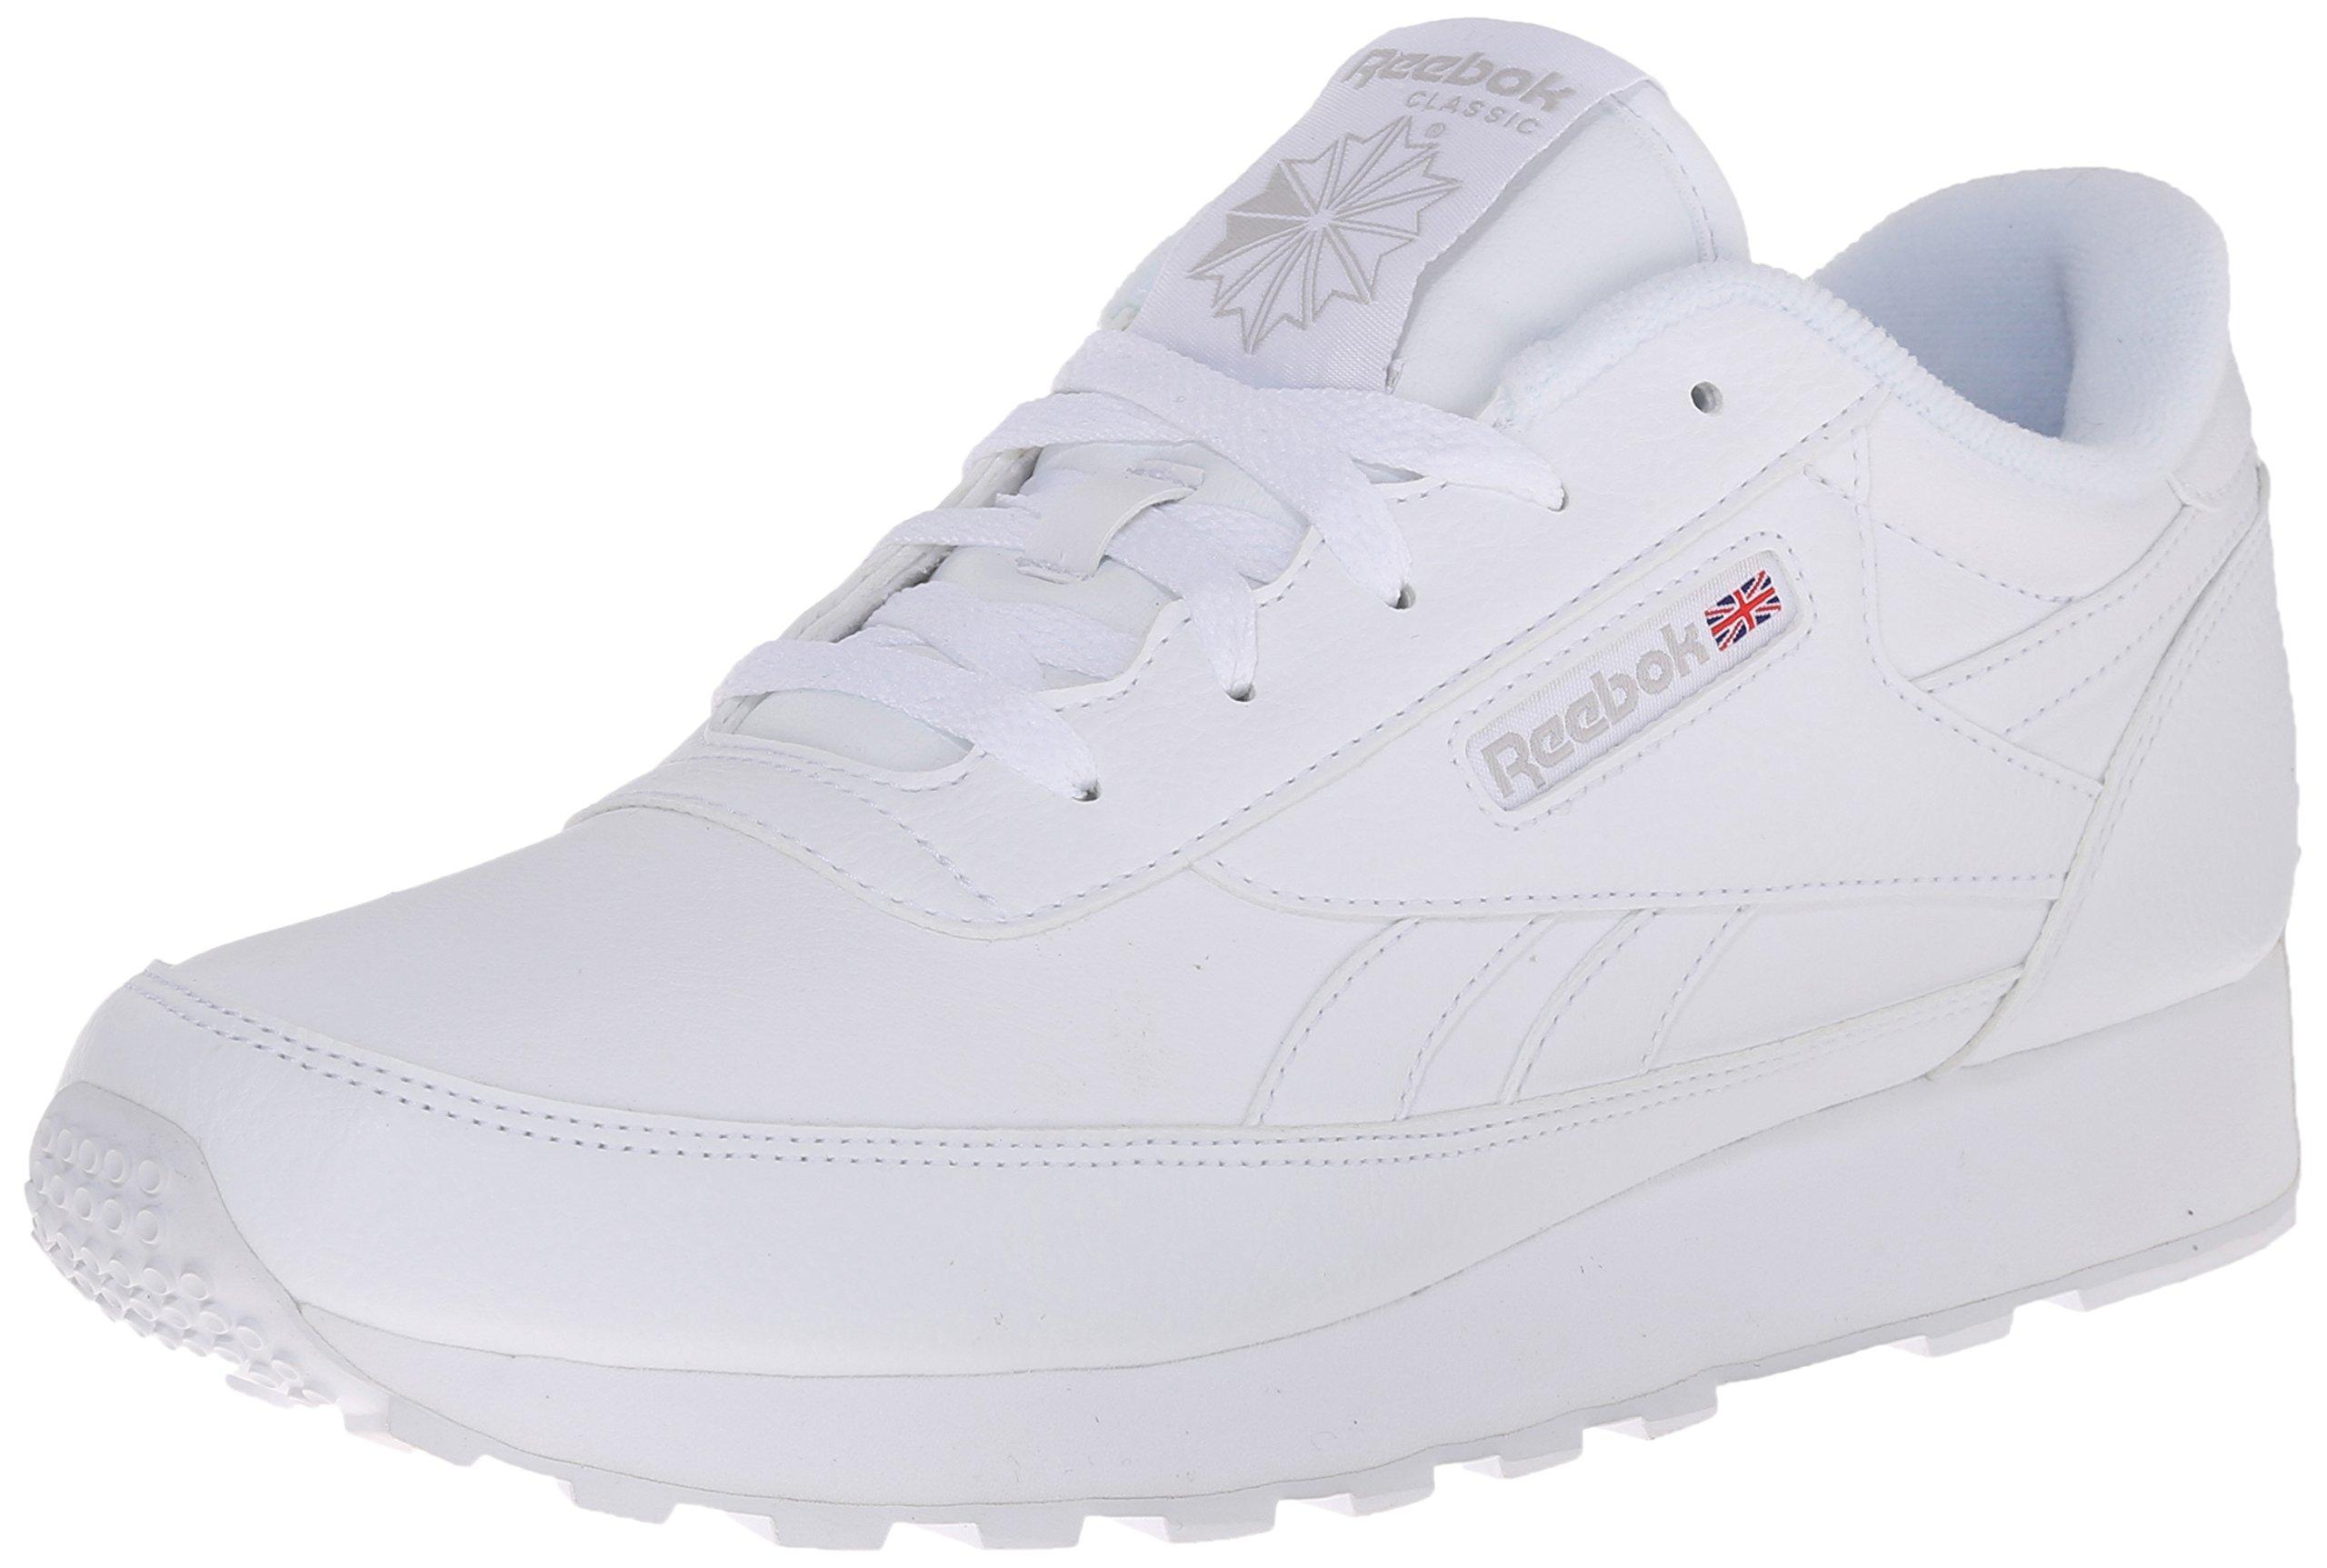 Reebok Women's Classic Renaissance Sneaker, White/Steel, 8.5 M US